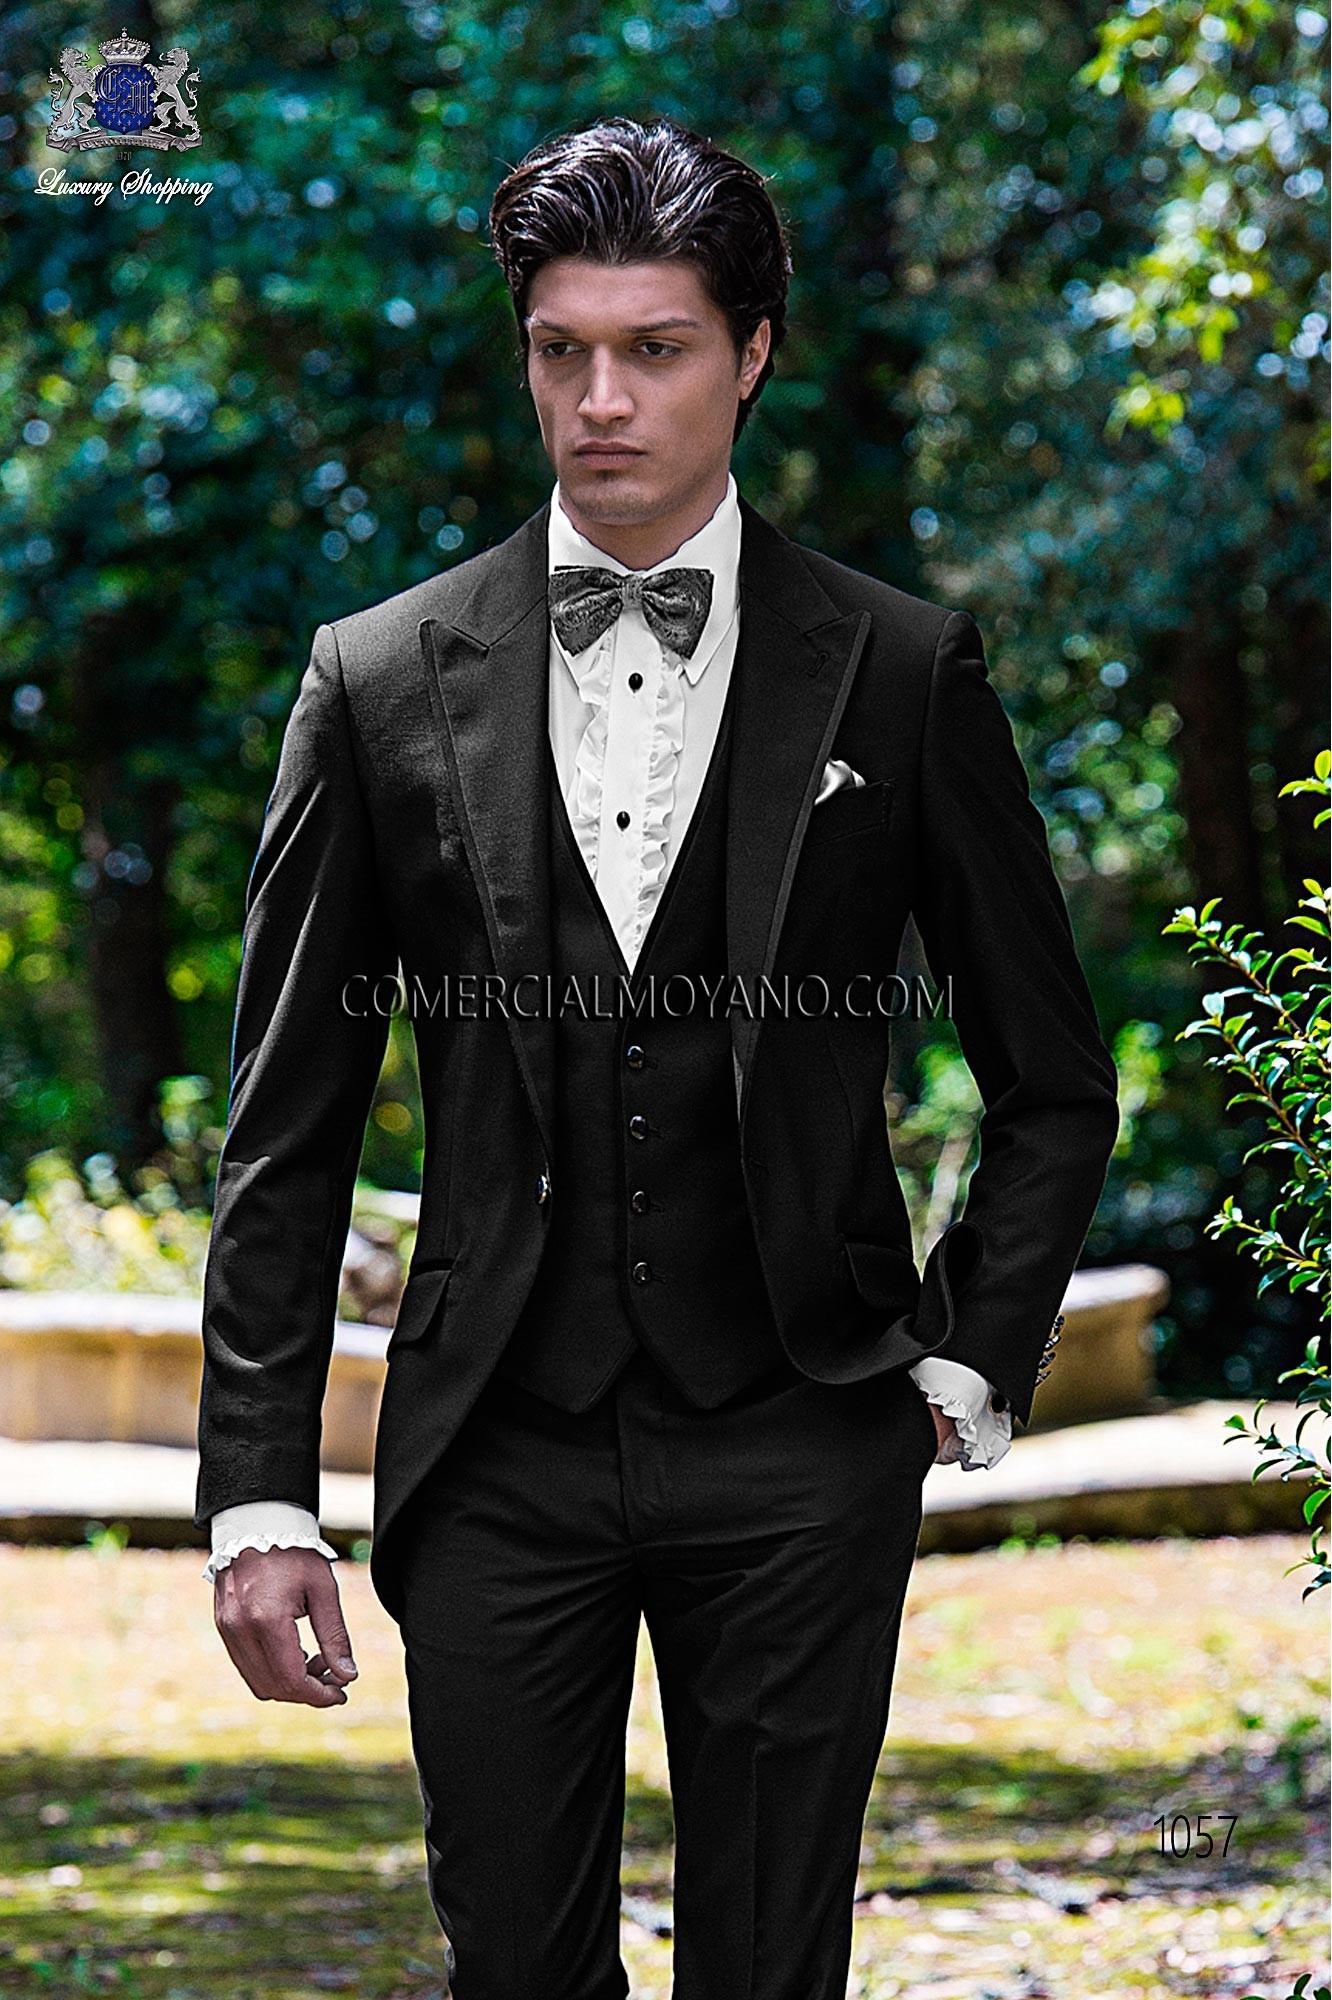 Traje Fashion de novio negro modelo: 1057 Ottavio Nuccio Gala colección Fashion